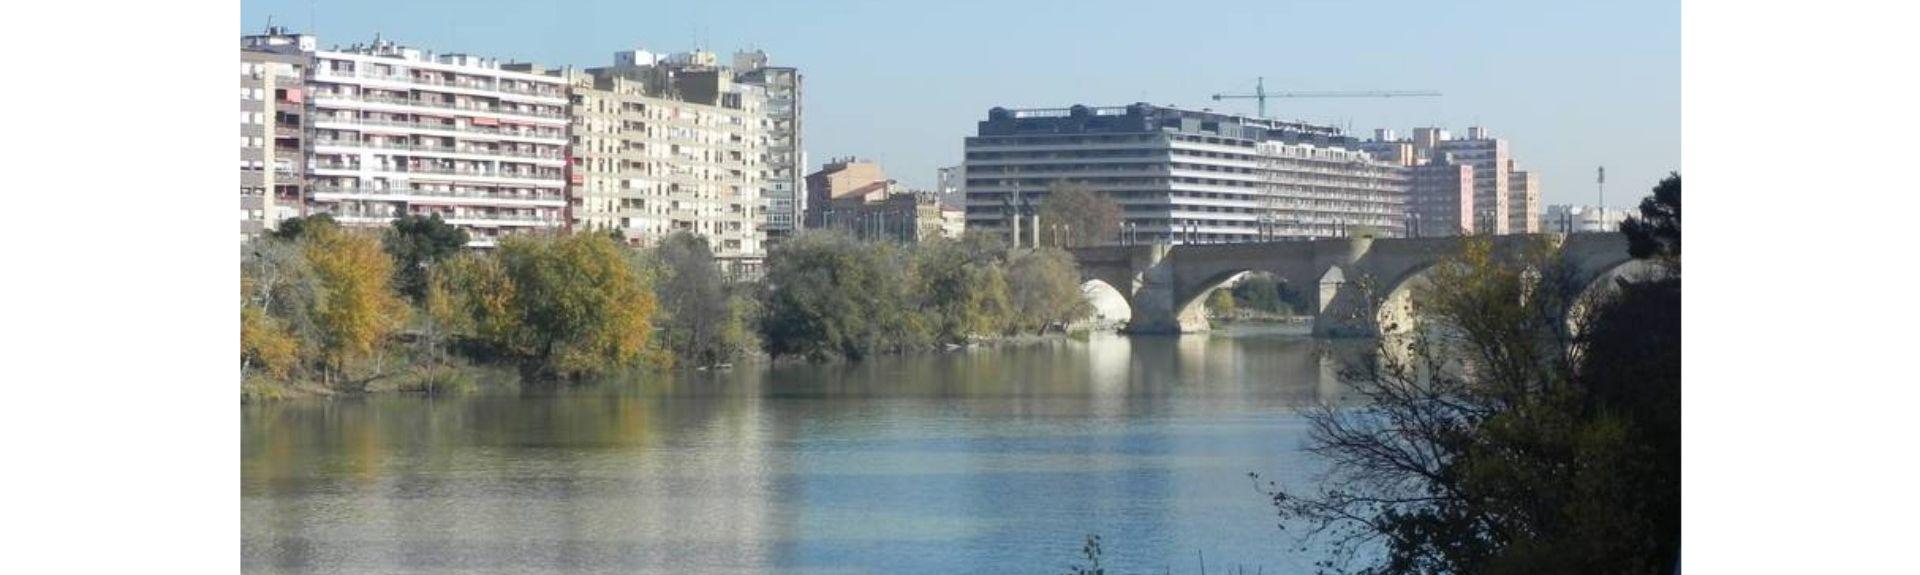 Valdejalón, Aragão, Espanha